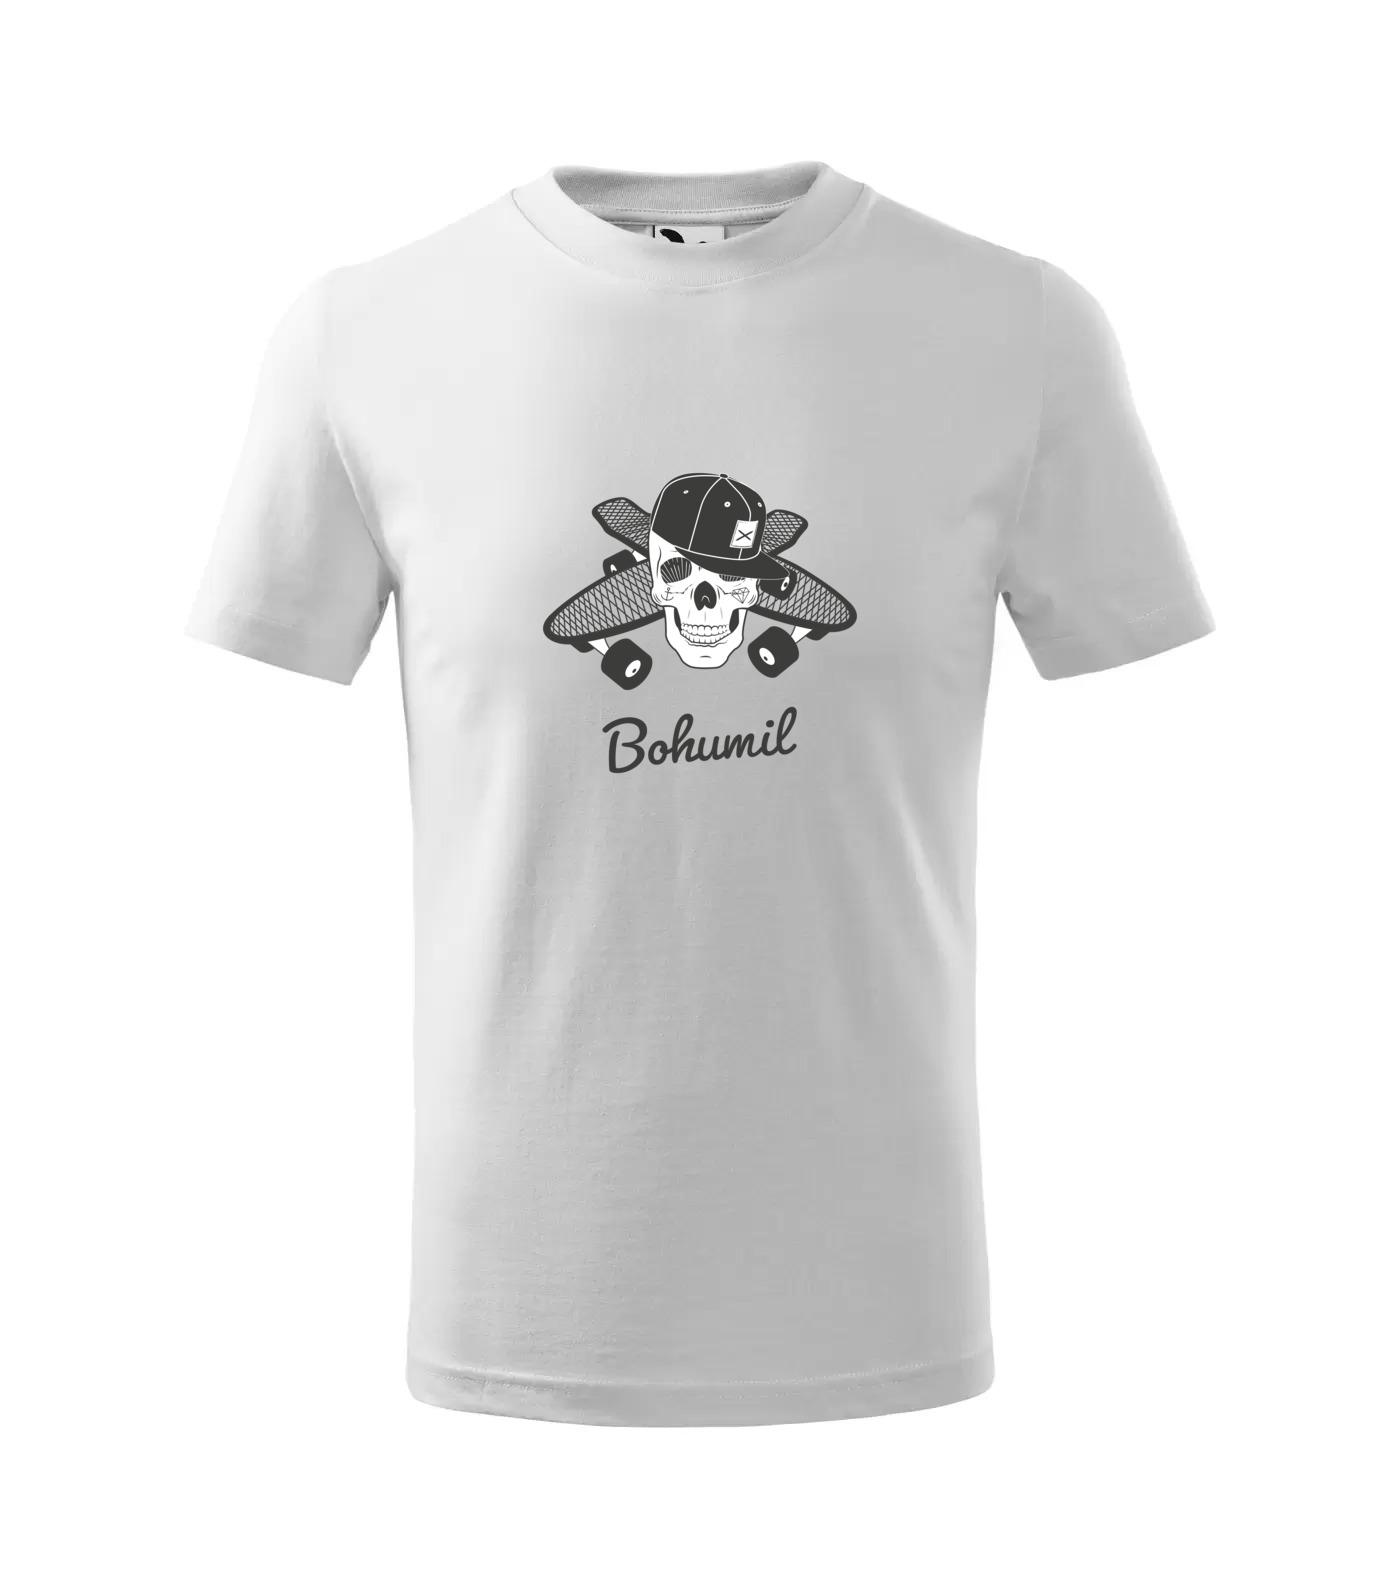 Tričko Skejťák Bohumil